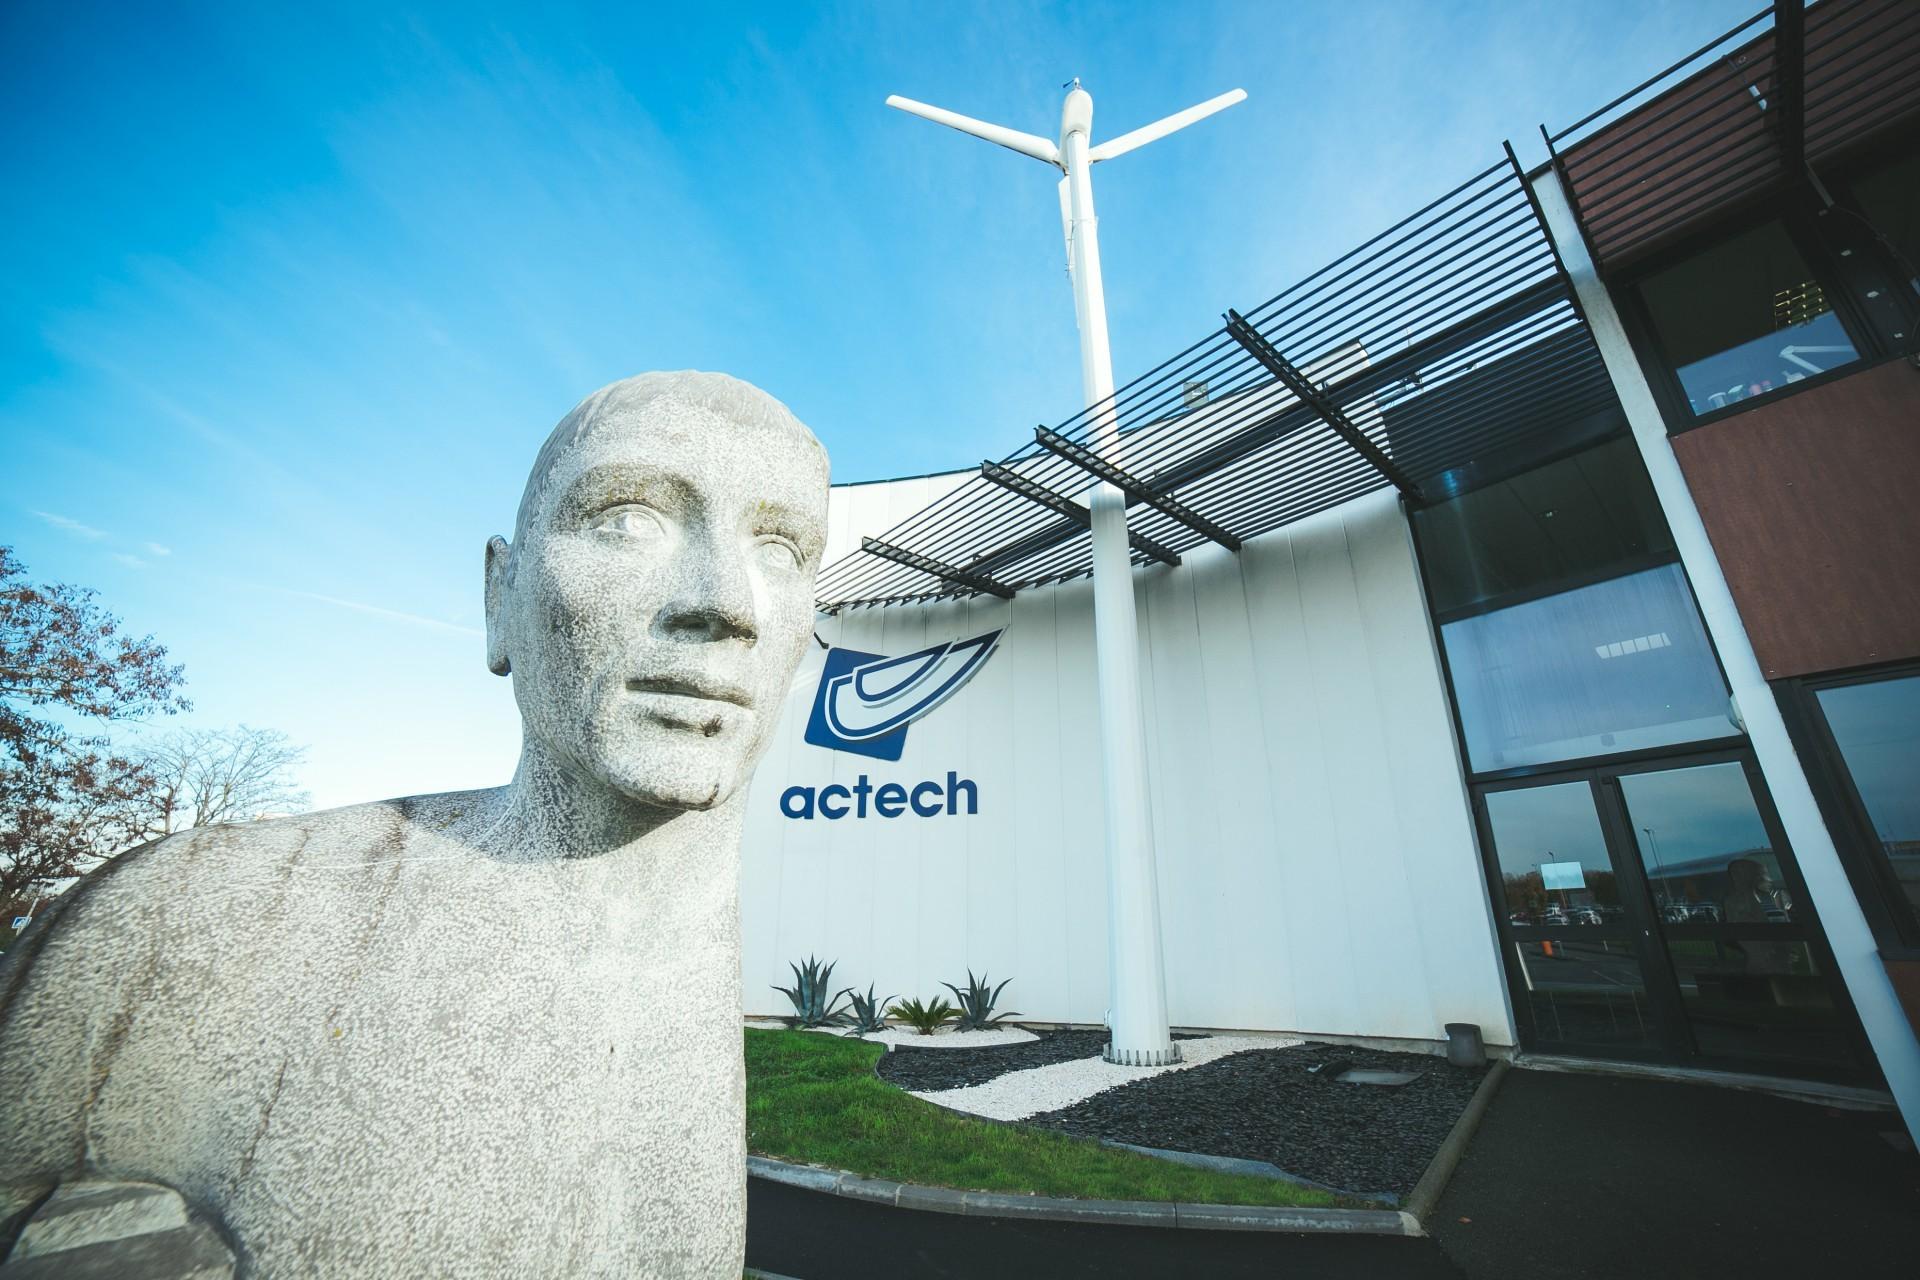 Actech innovation - actech innovation - angers - Bureau d'études en ingénierie mécanique - bureau d'études angers /